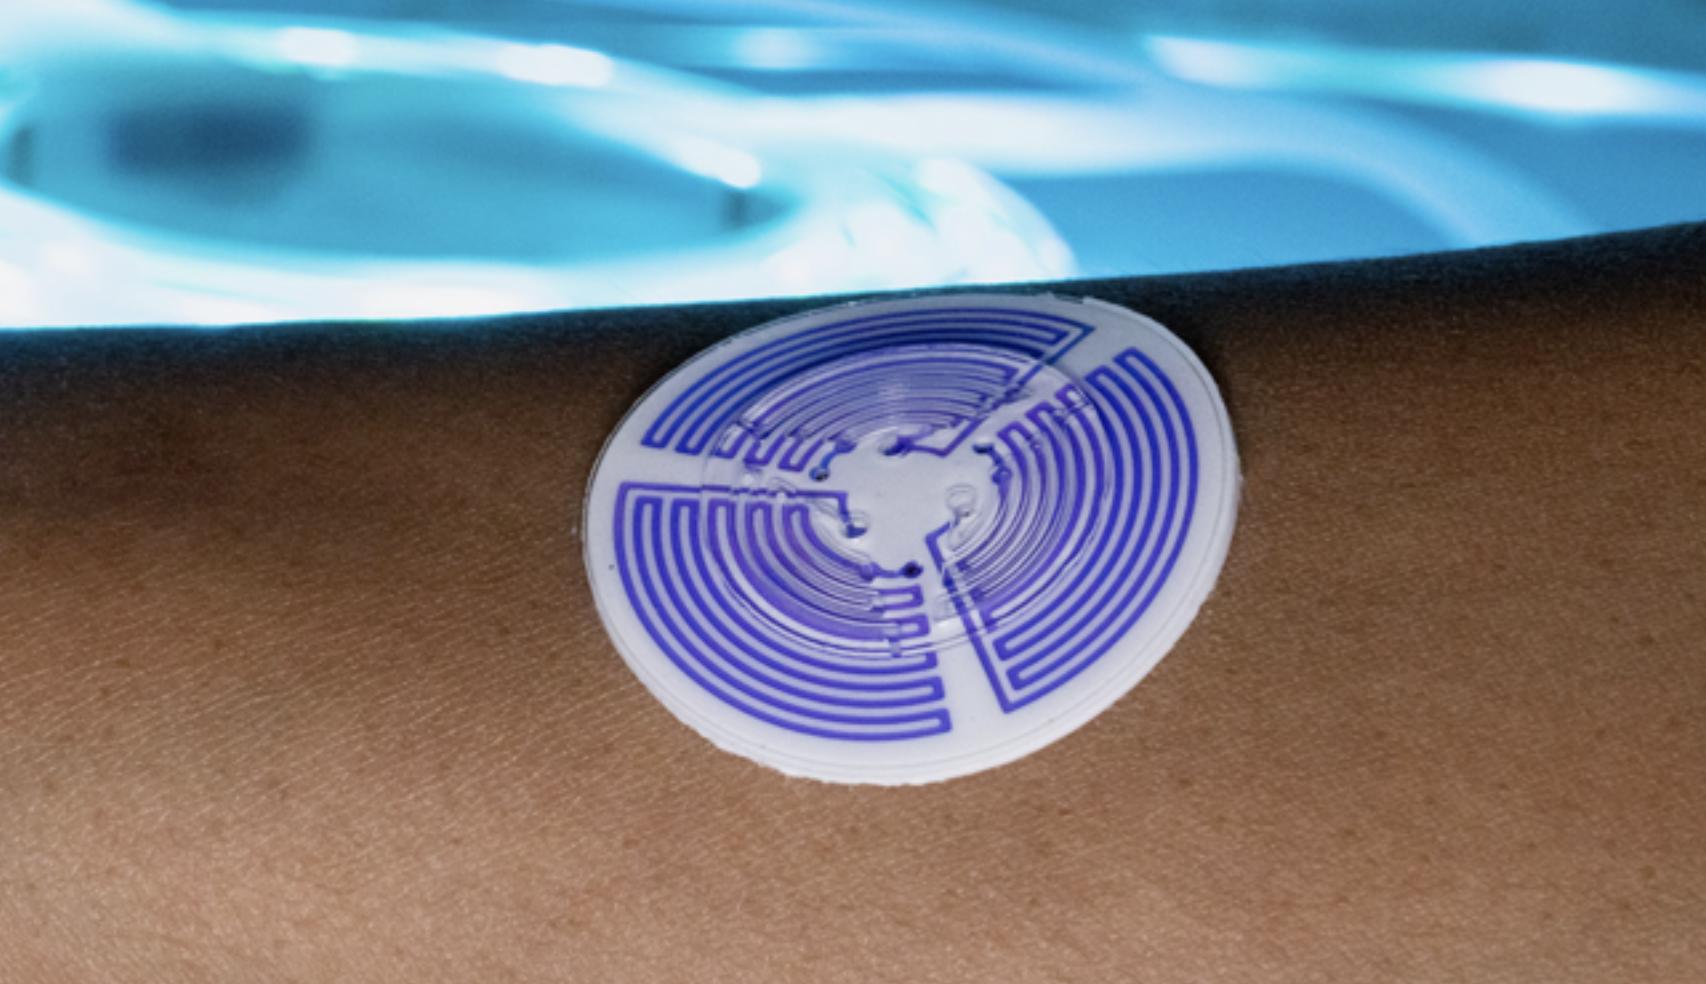 Naklejka zbierająca pot ułatwi diagnostykę mukowiscydozy